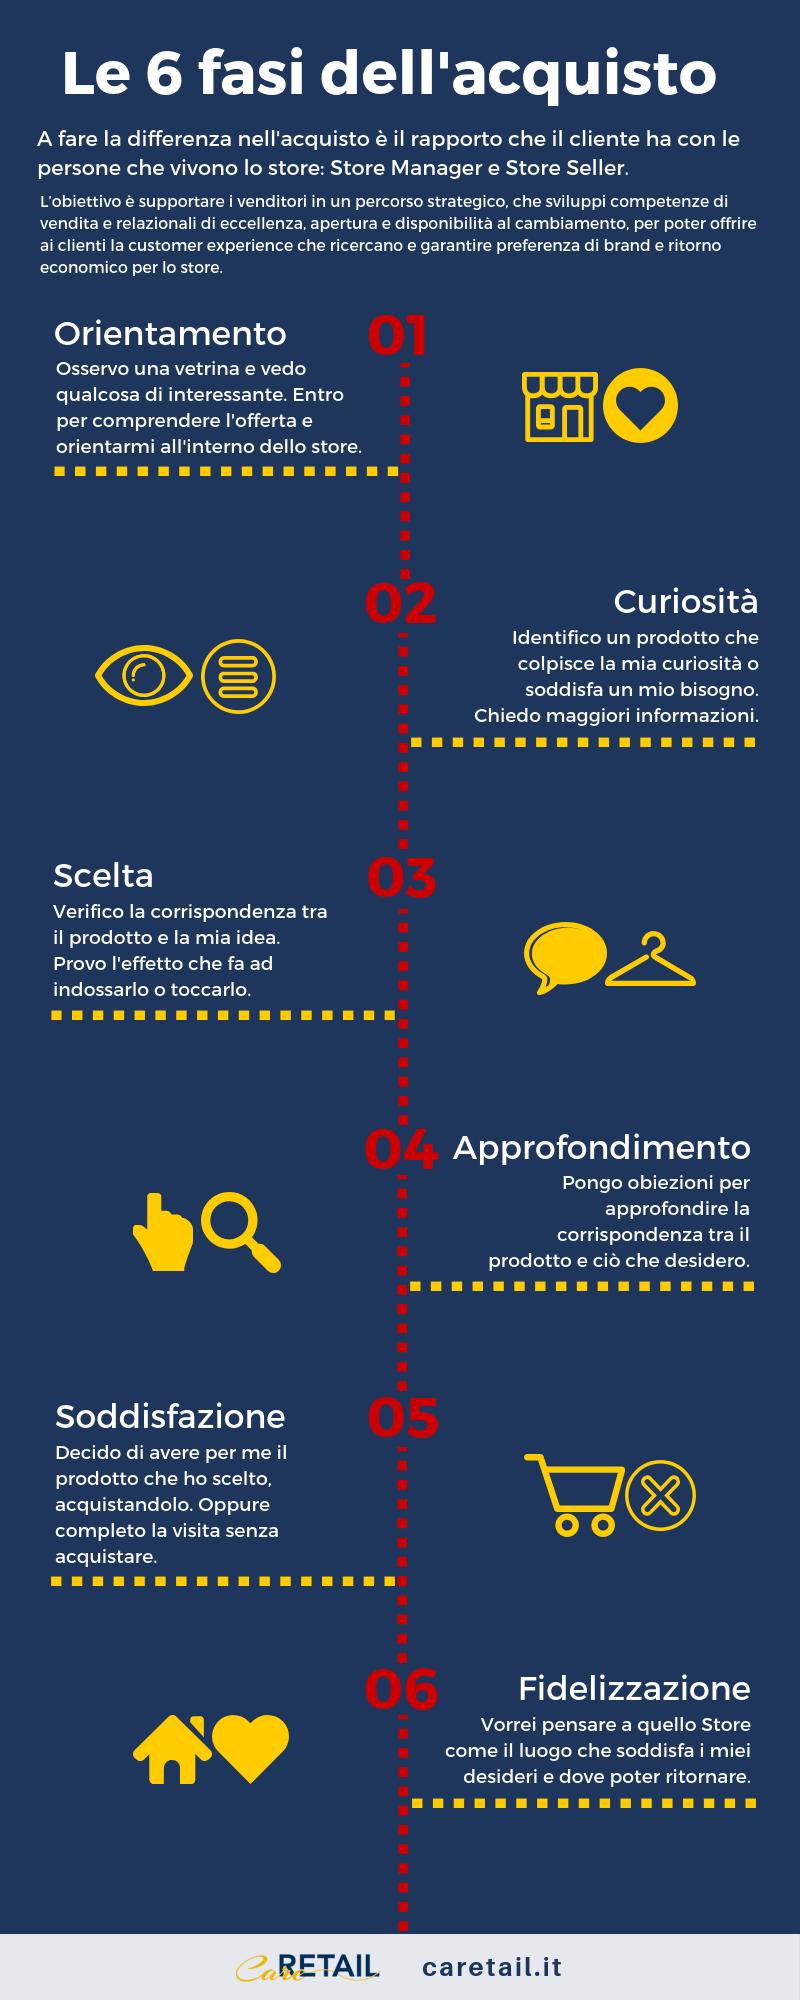 Caretail - Le sei fasi dell'acquisto